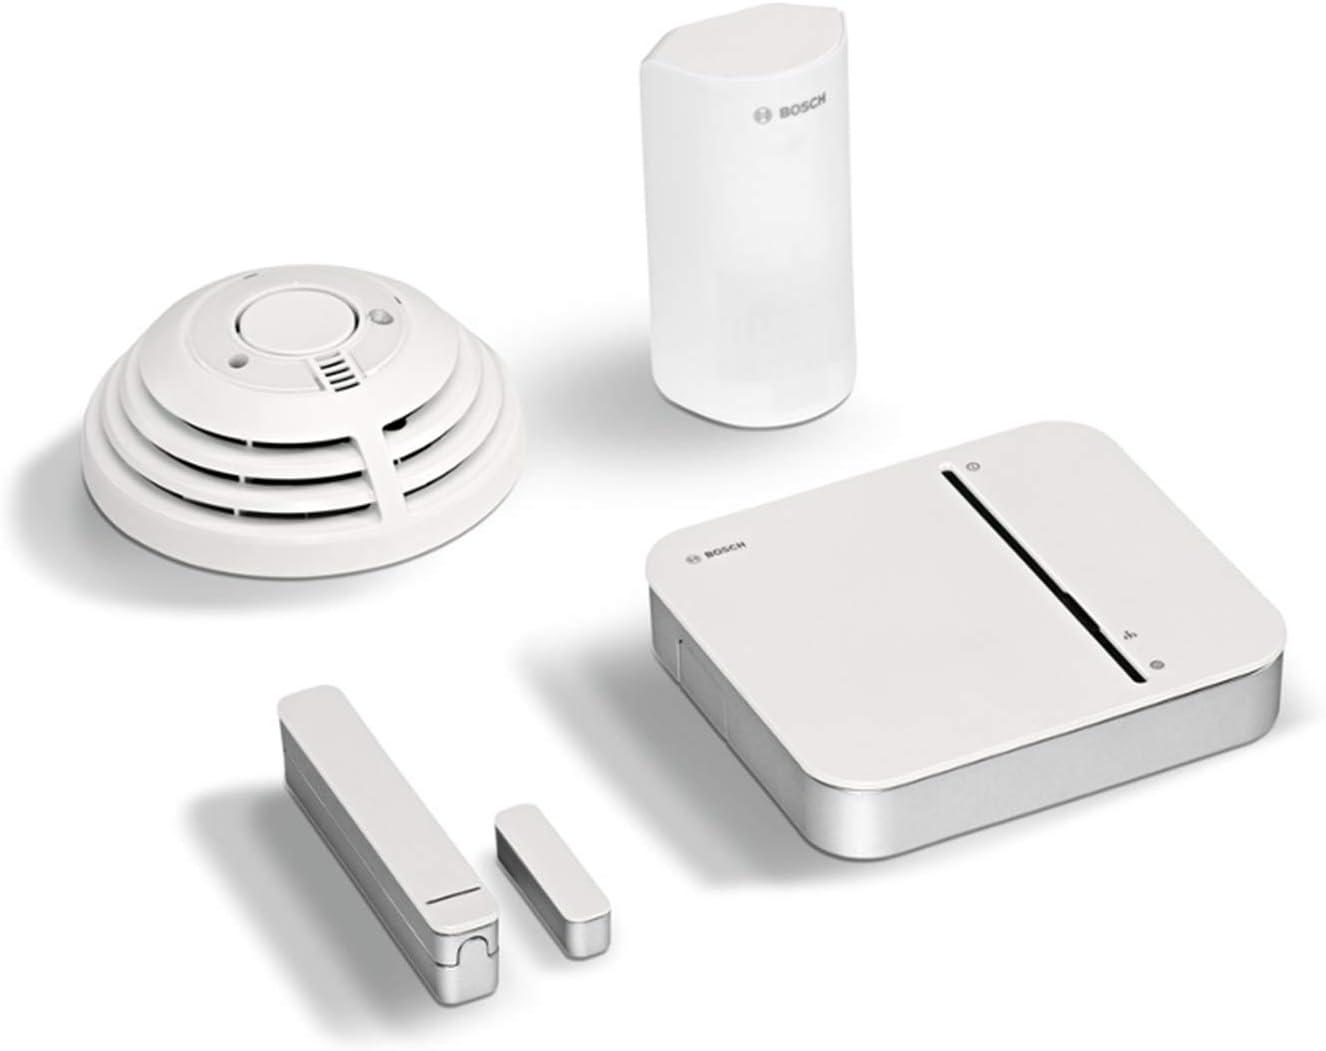 Bosch Kit sécurité connectée Smart Home (Alarme anti-intrusion et anti-incendie connecté, livré...